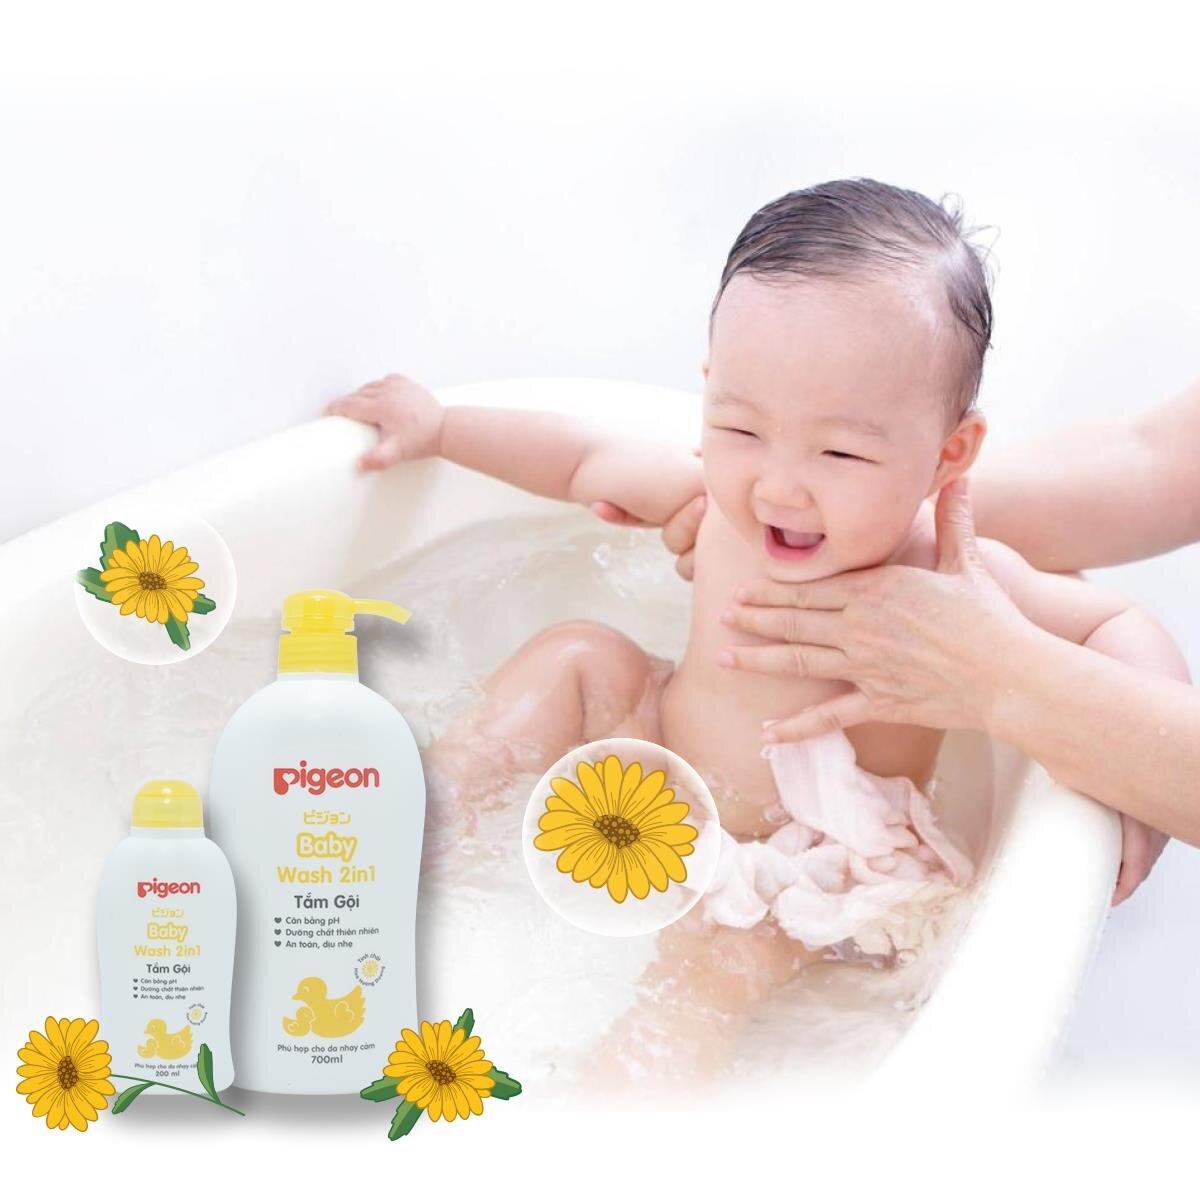 Sữa tắm Pigeon 2 in 1 kháng khuẩn, bảo vệ da bé hiệu quả